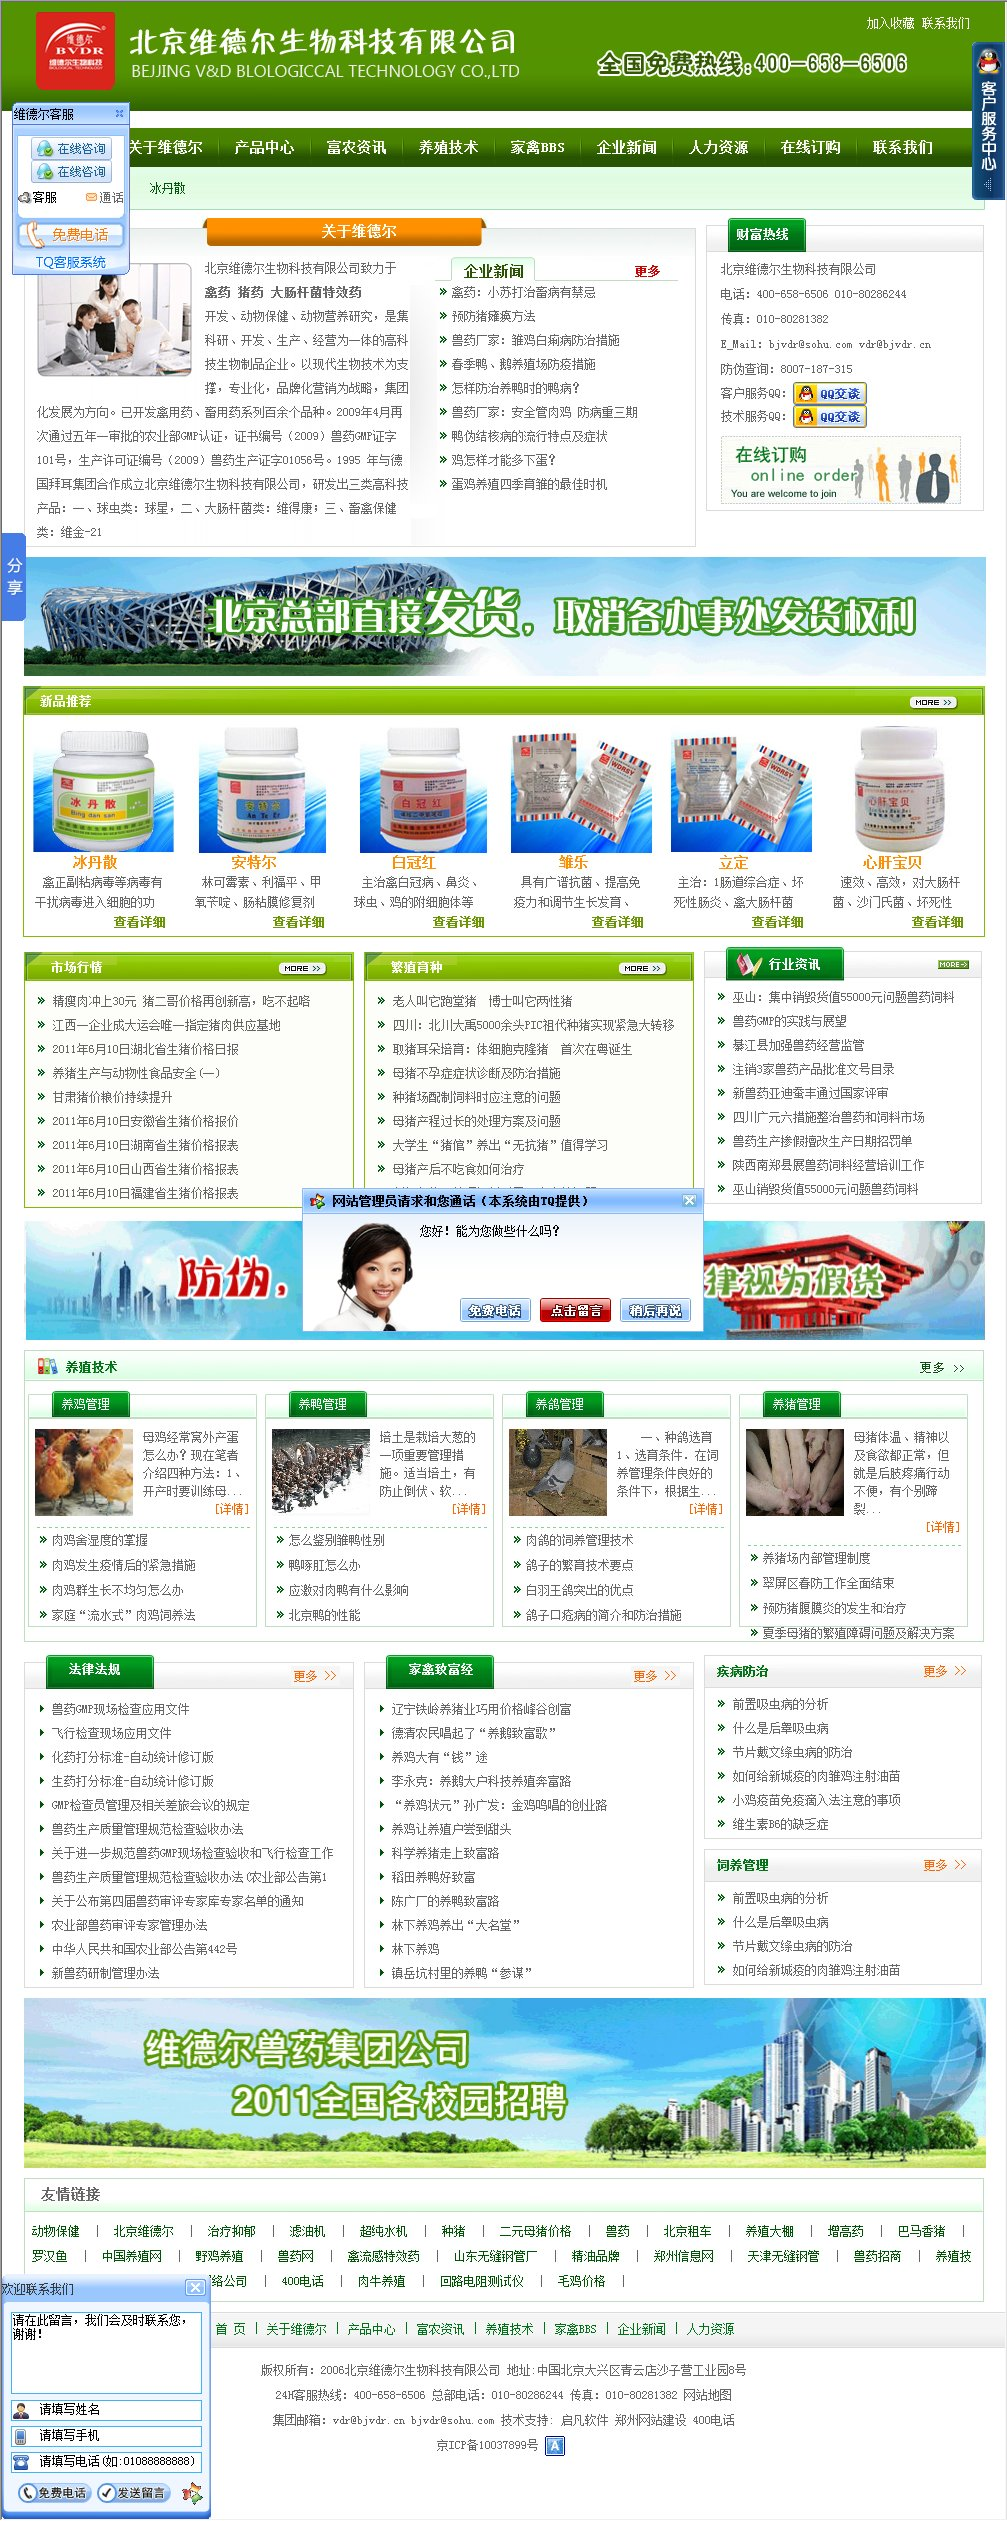 北京维德尔生物科技有限公司.jpg